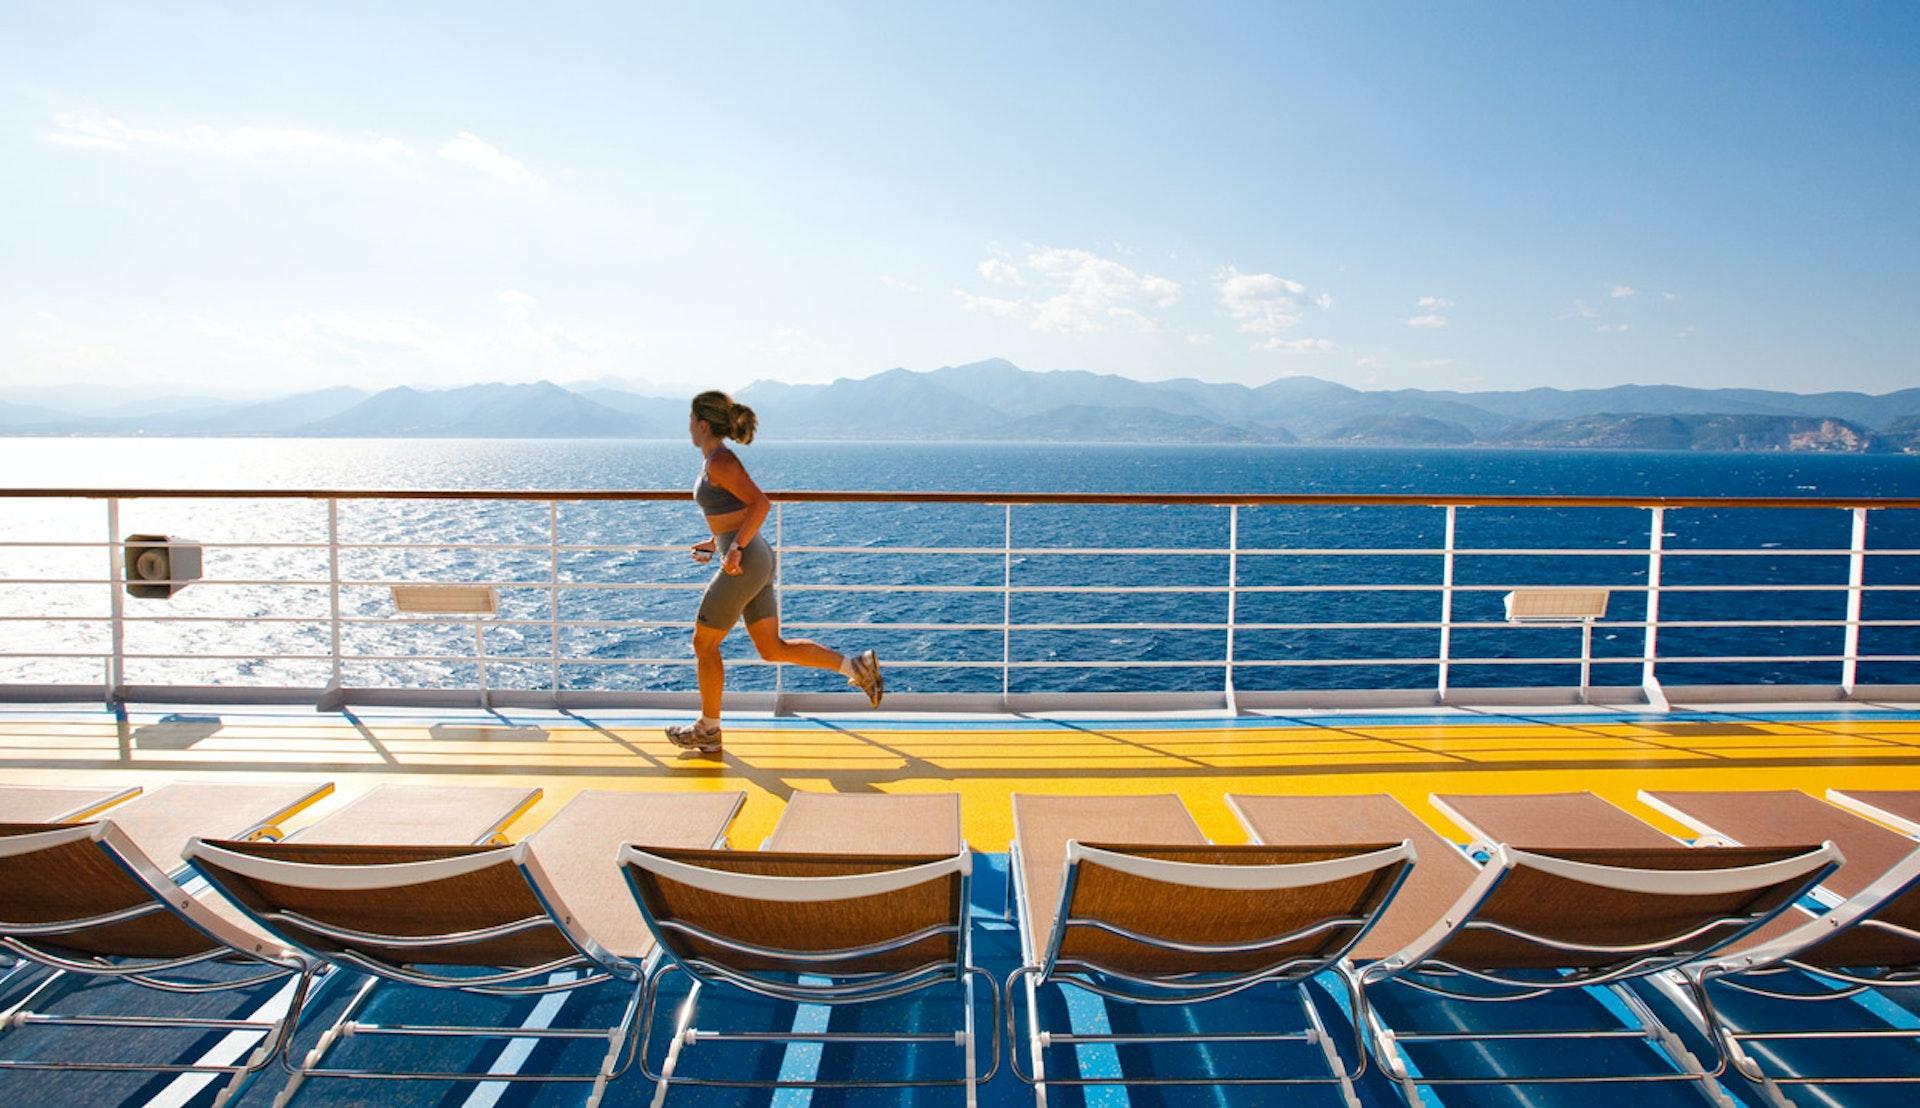 Kvinna joggar på däck på ett av Costa Cruises fartyg.